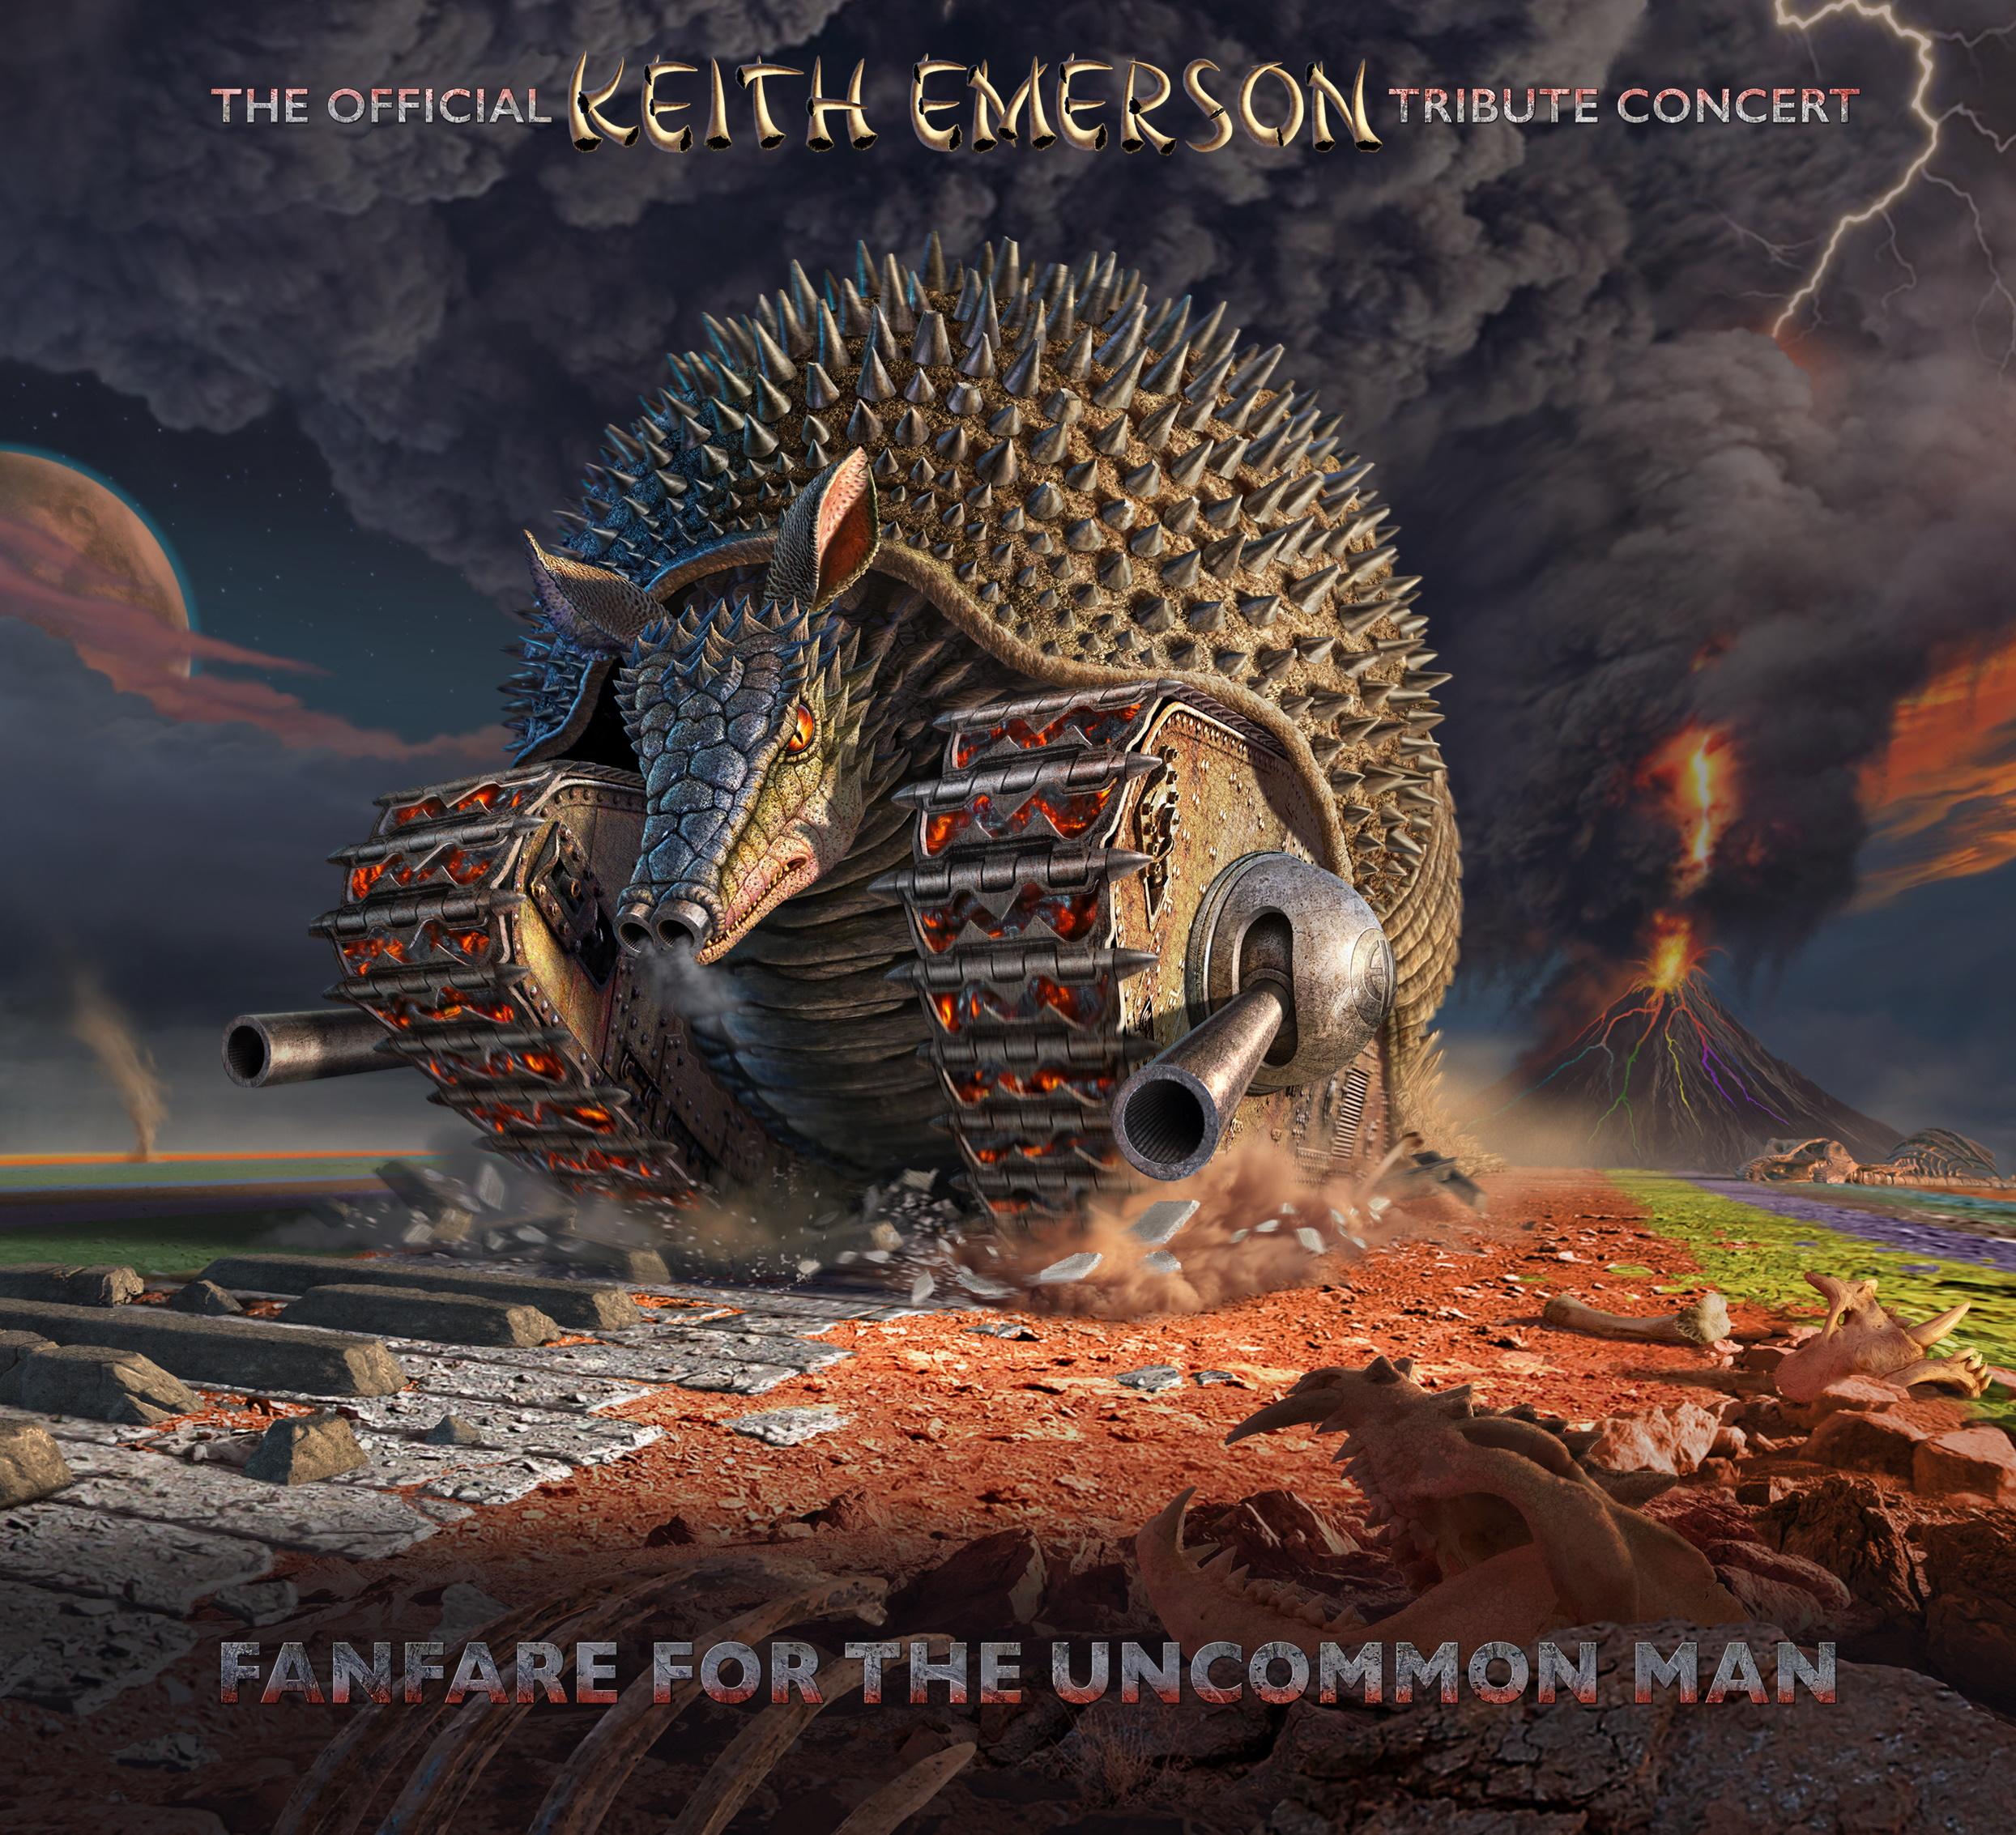 Arriva il concerto tributo a Keith Emerson in CD, DVD e Blu-ray – PRE-ORDINA